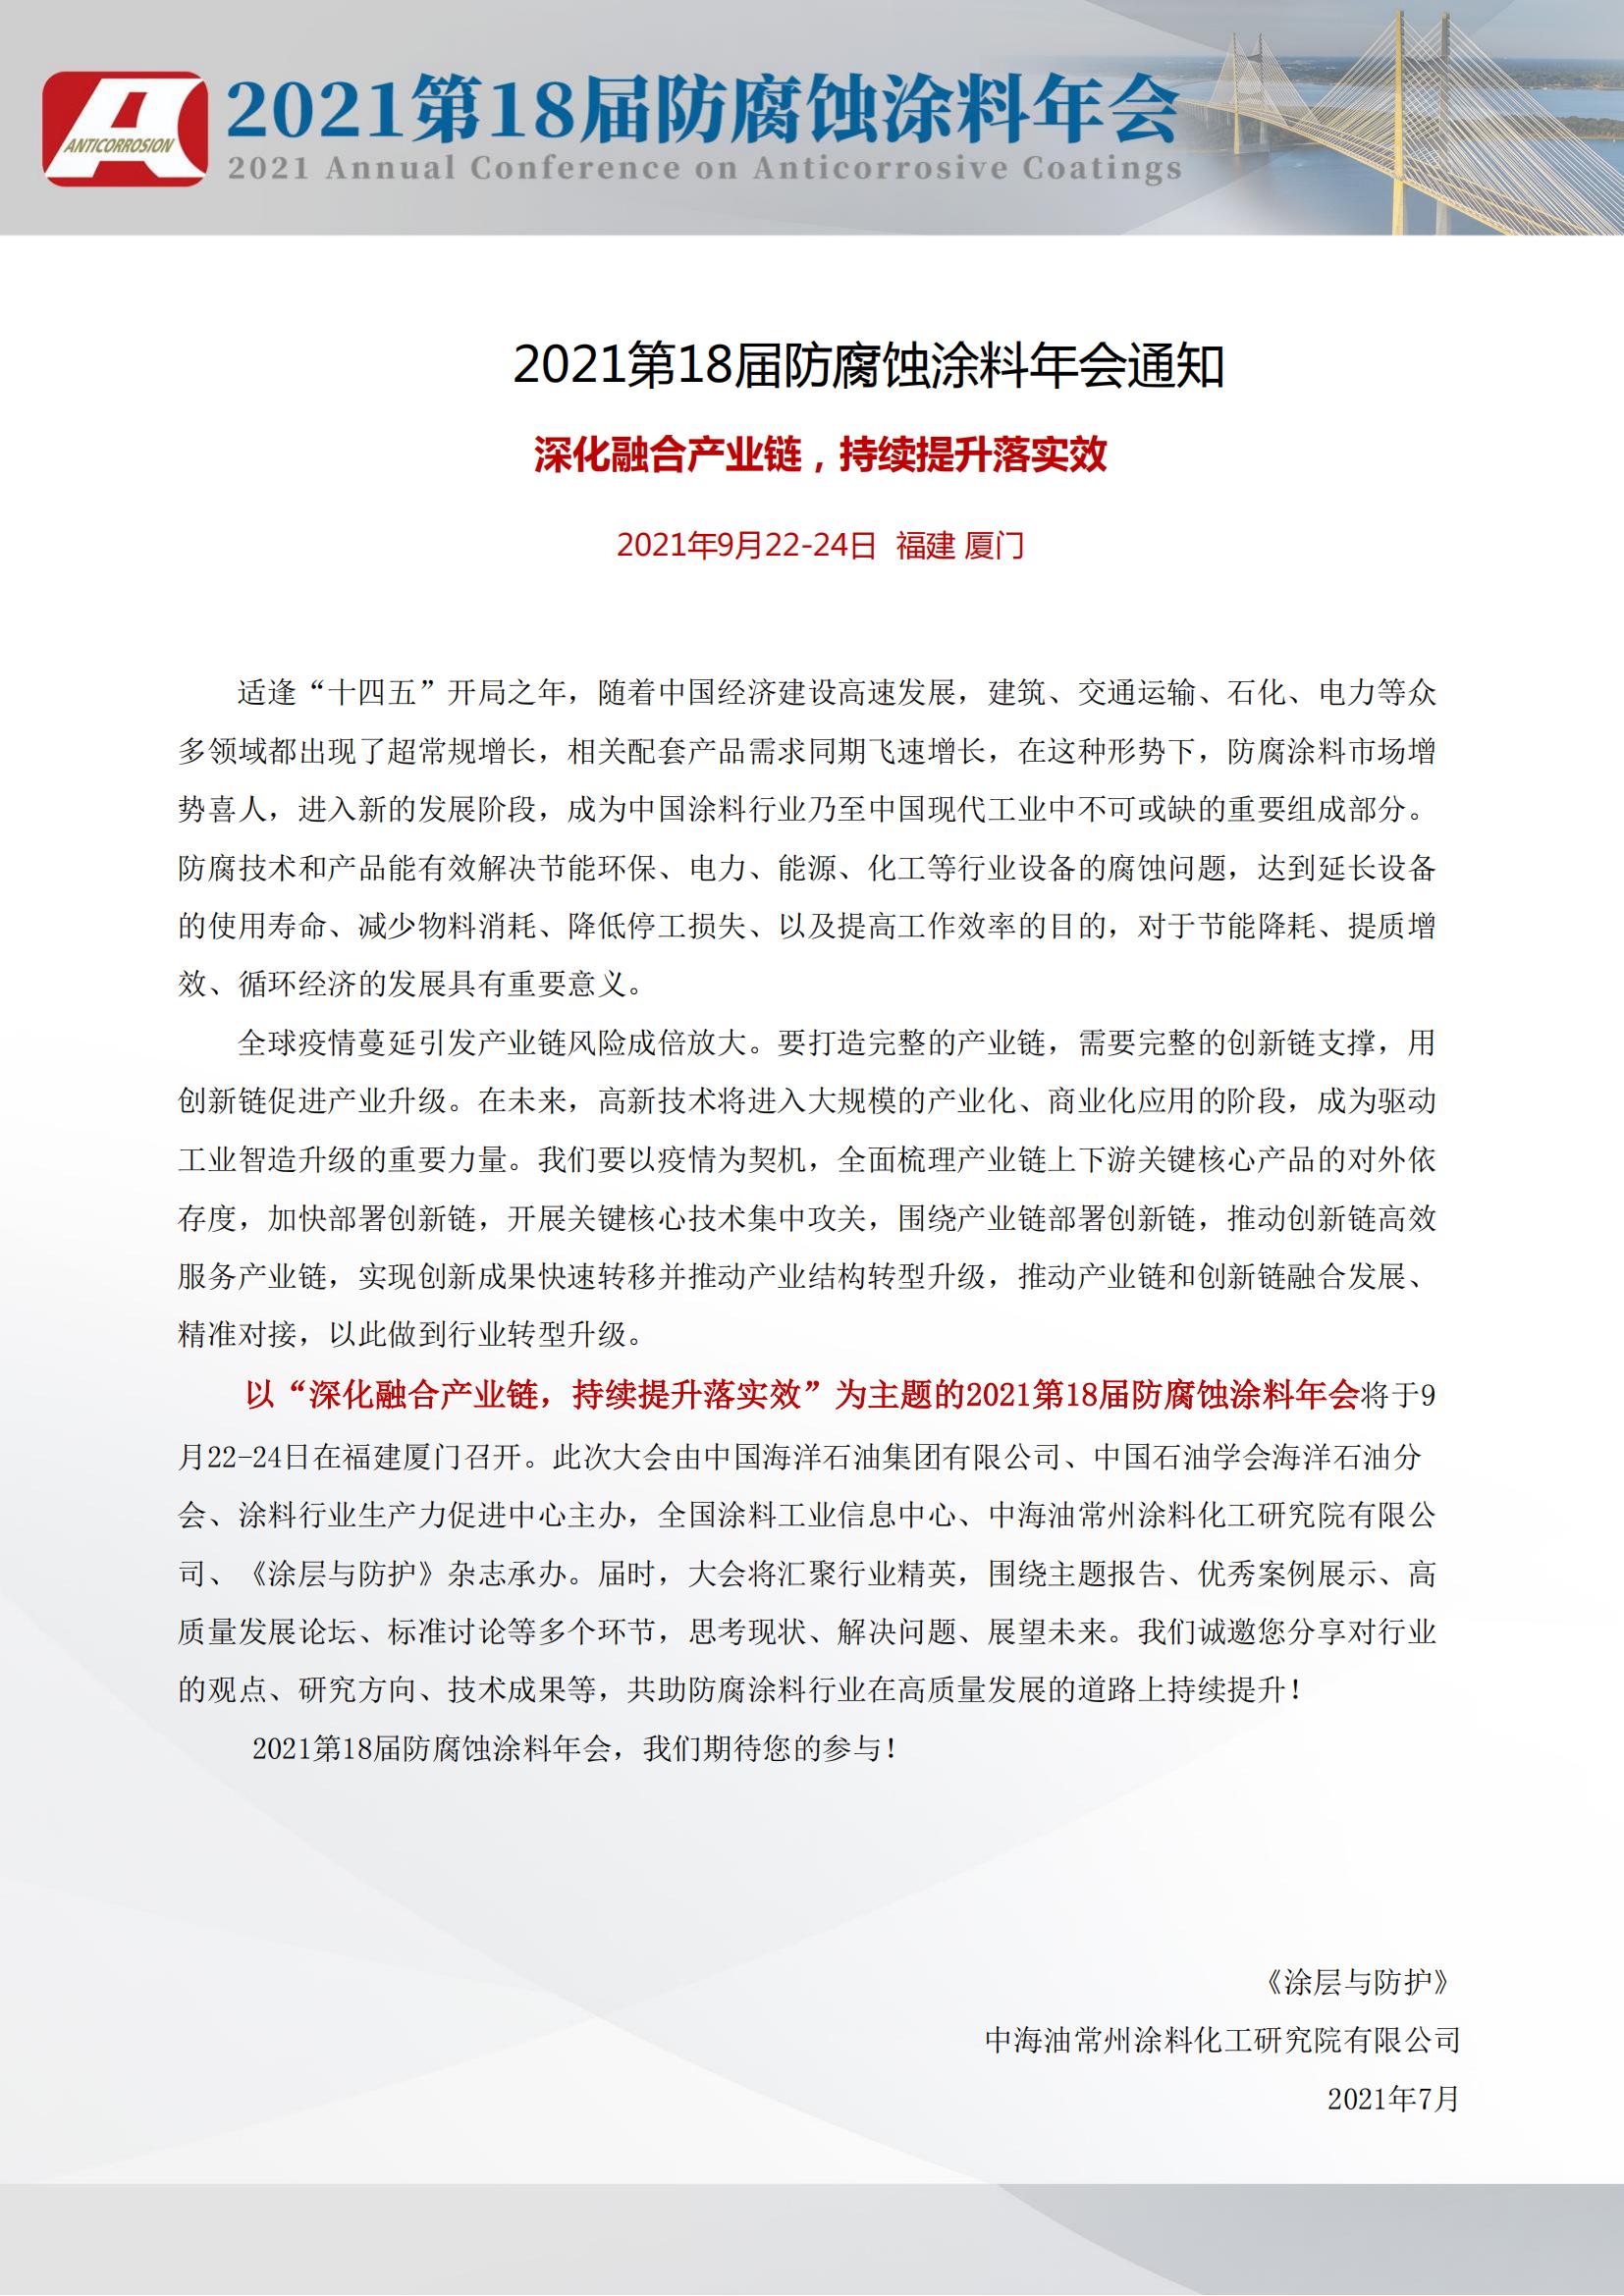 """(无章)关于召开""""2021第18届防腐蚀涂料年会""""的通知-普通版_00.png"""